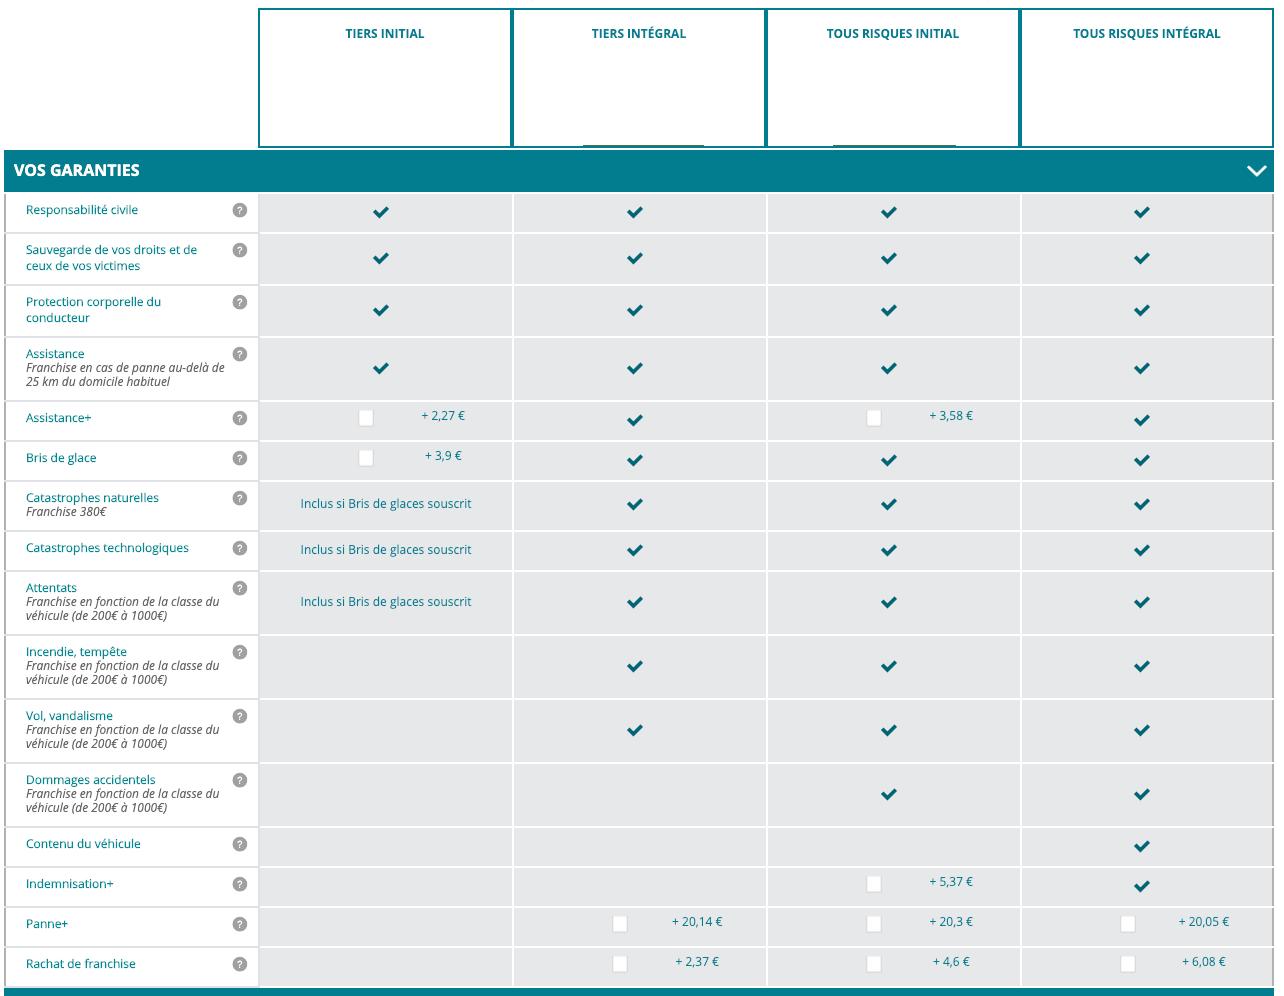 Tableau de comparaison des garanties auto Crédit Agricole pour les formules Tiers Initial, Tiers Intégral, Tous Risques Initial, Tous Risques Intégral